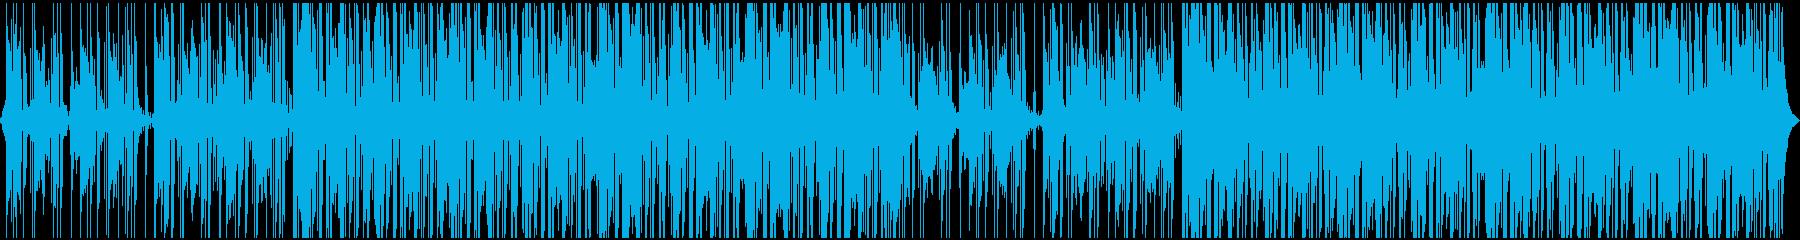 気分を高揚させるファンクミュージックの再生済みの波形